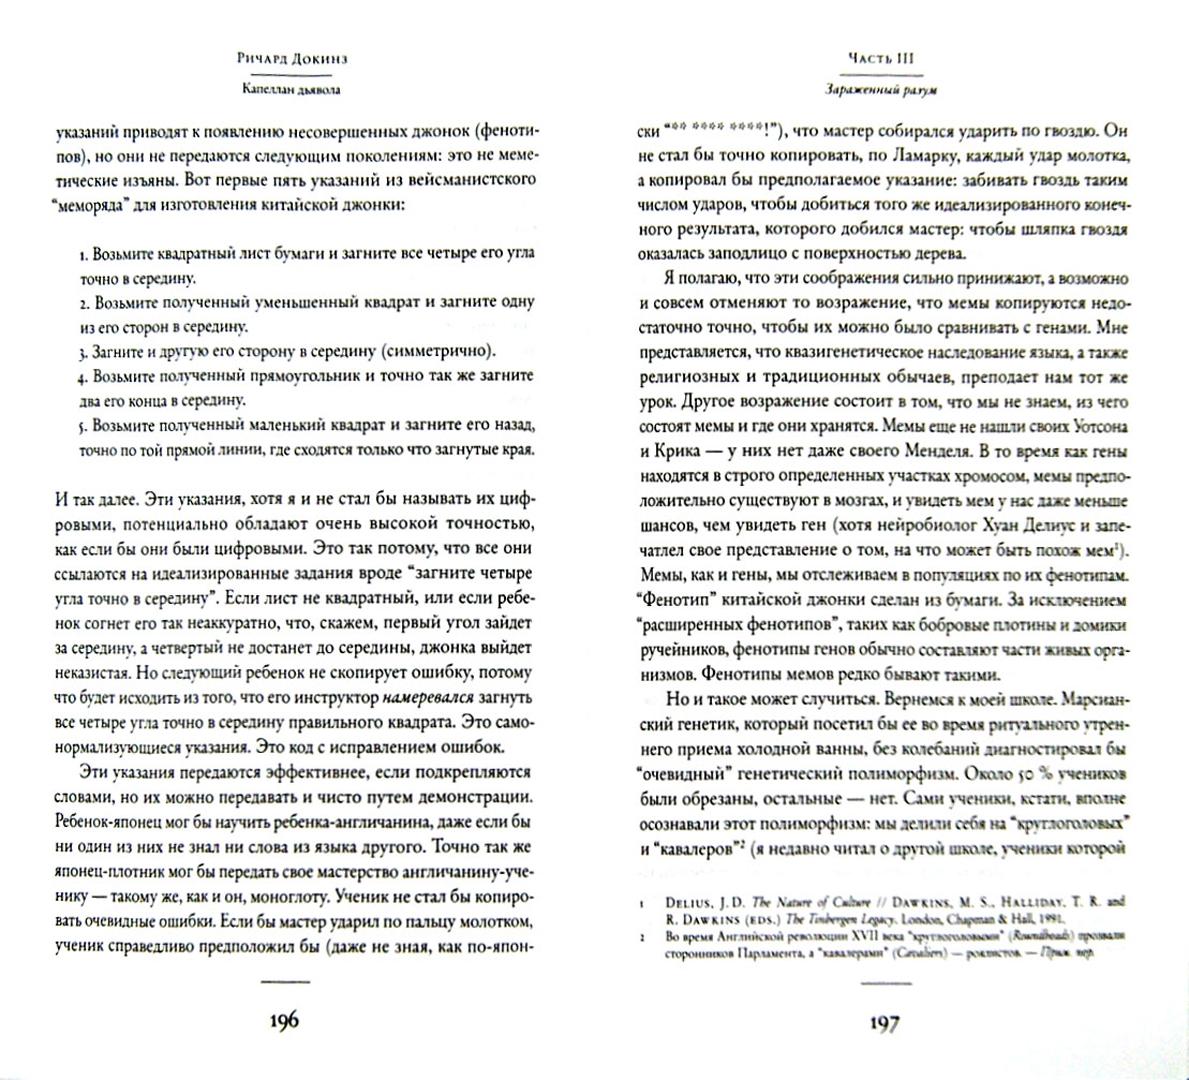 Иллюстрация 1 из 19 для Капеллан дьявола. Размышления о надежде, лжи, науке и любви - Ричард Докинз | Лабиринт - книги. Источник: Лабиринт